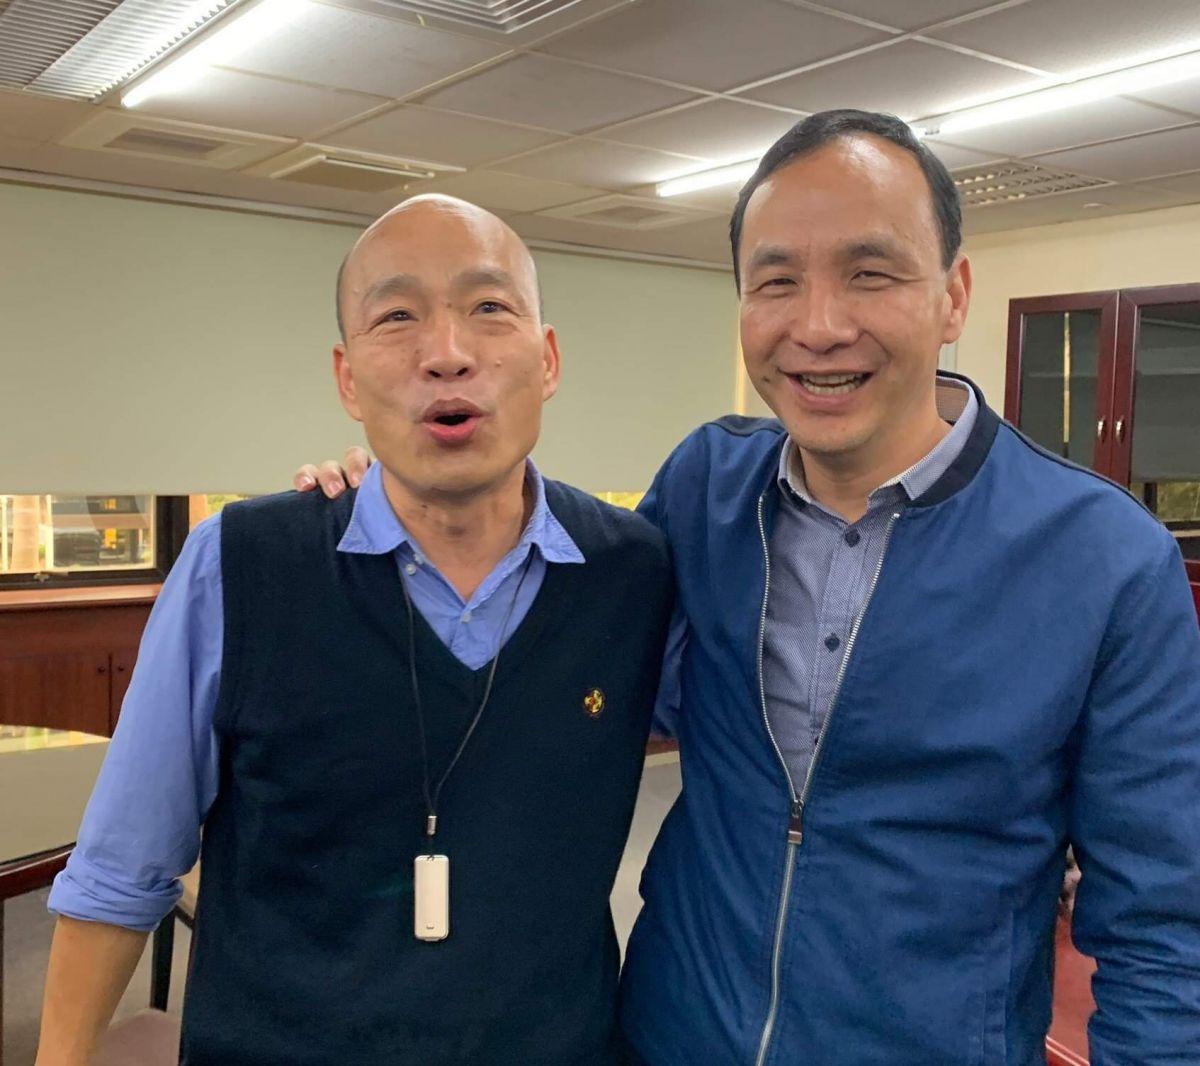 三级视频韩国瑜凭什么选台湾地区领